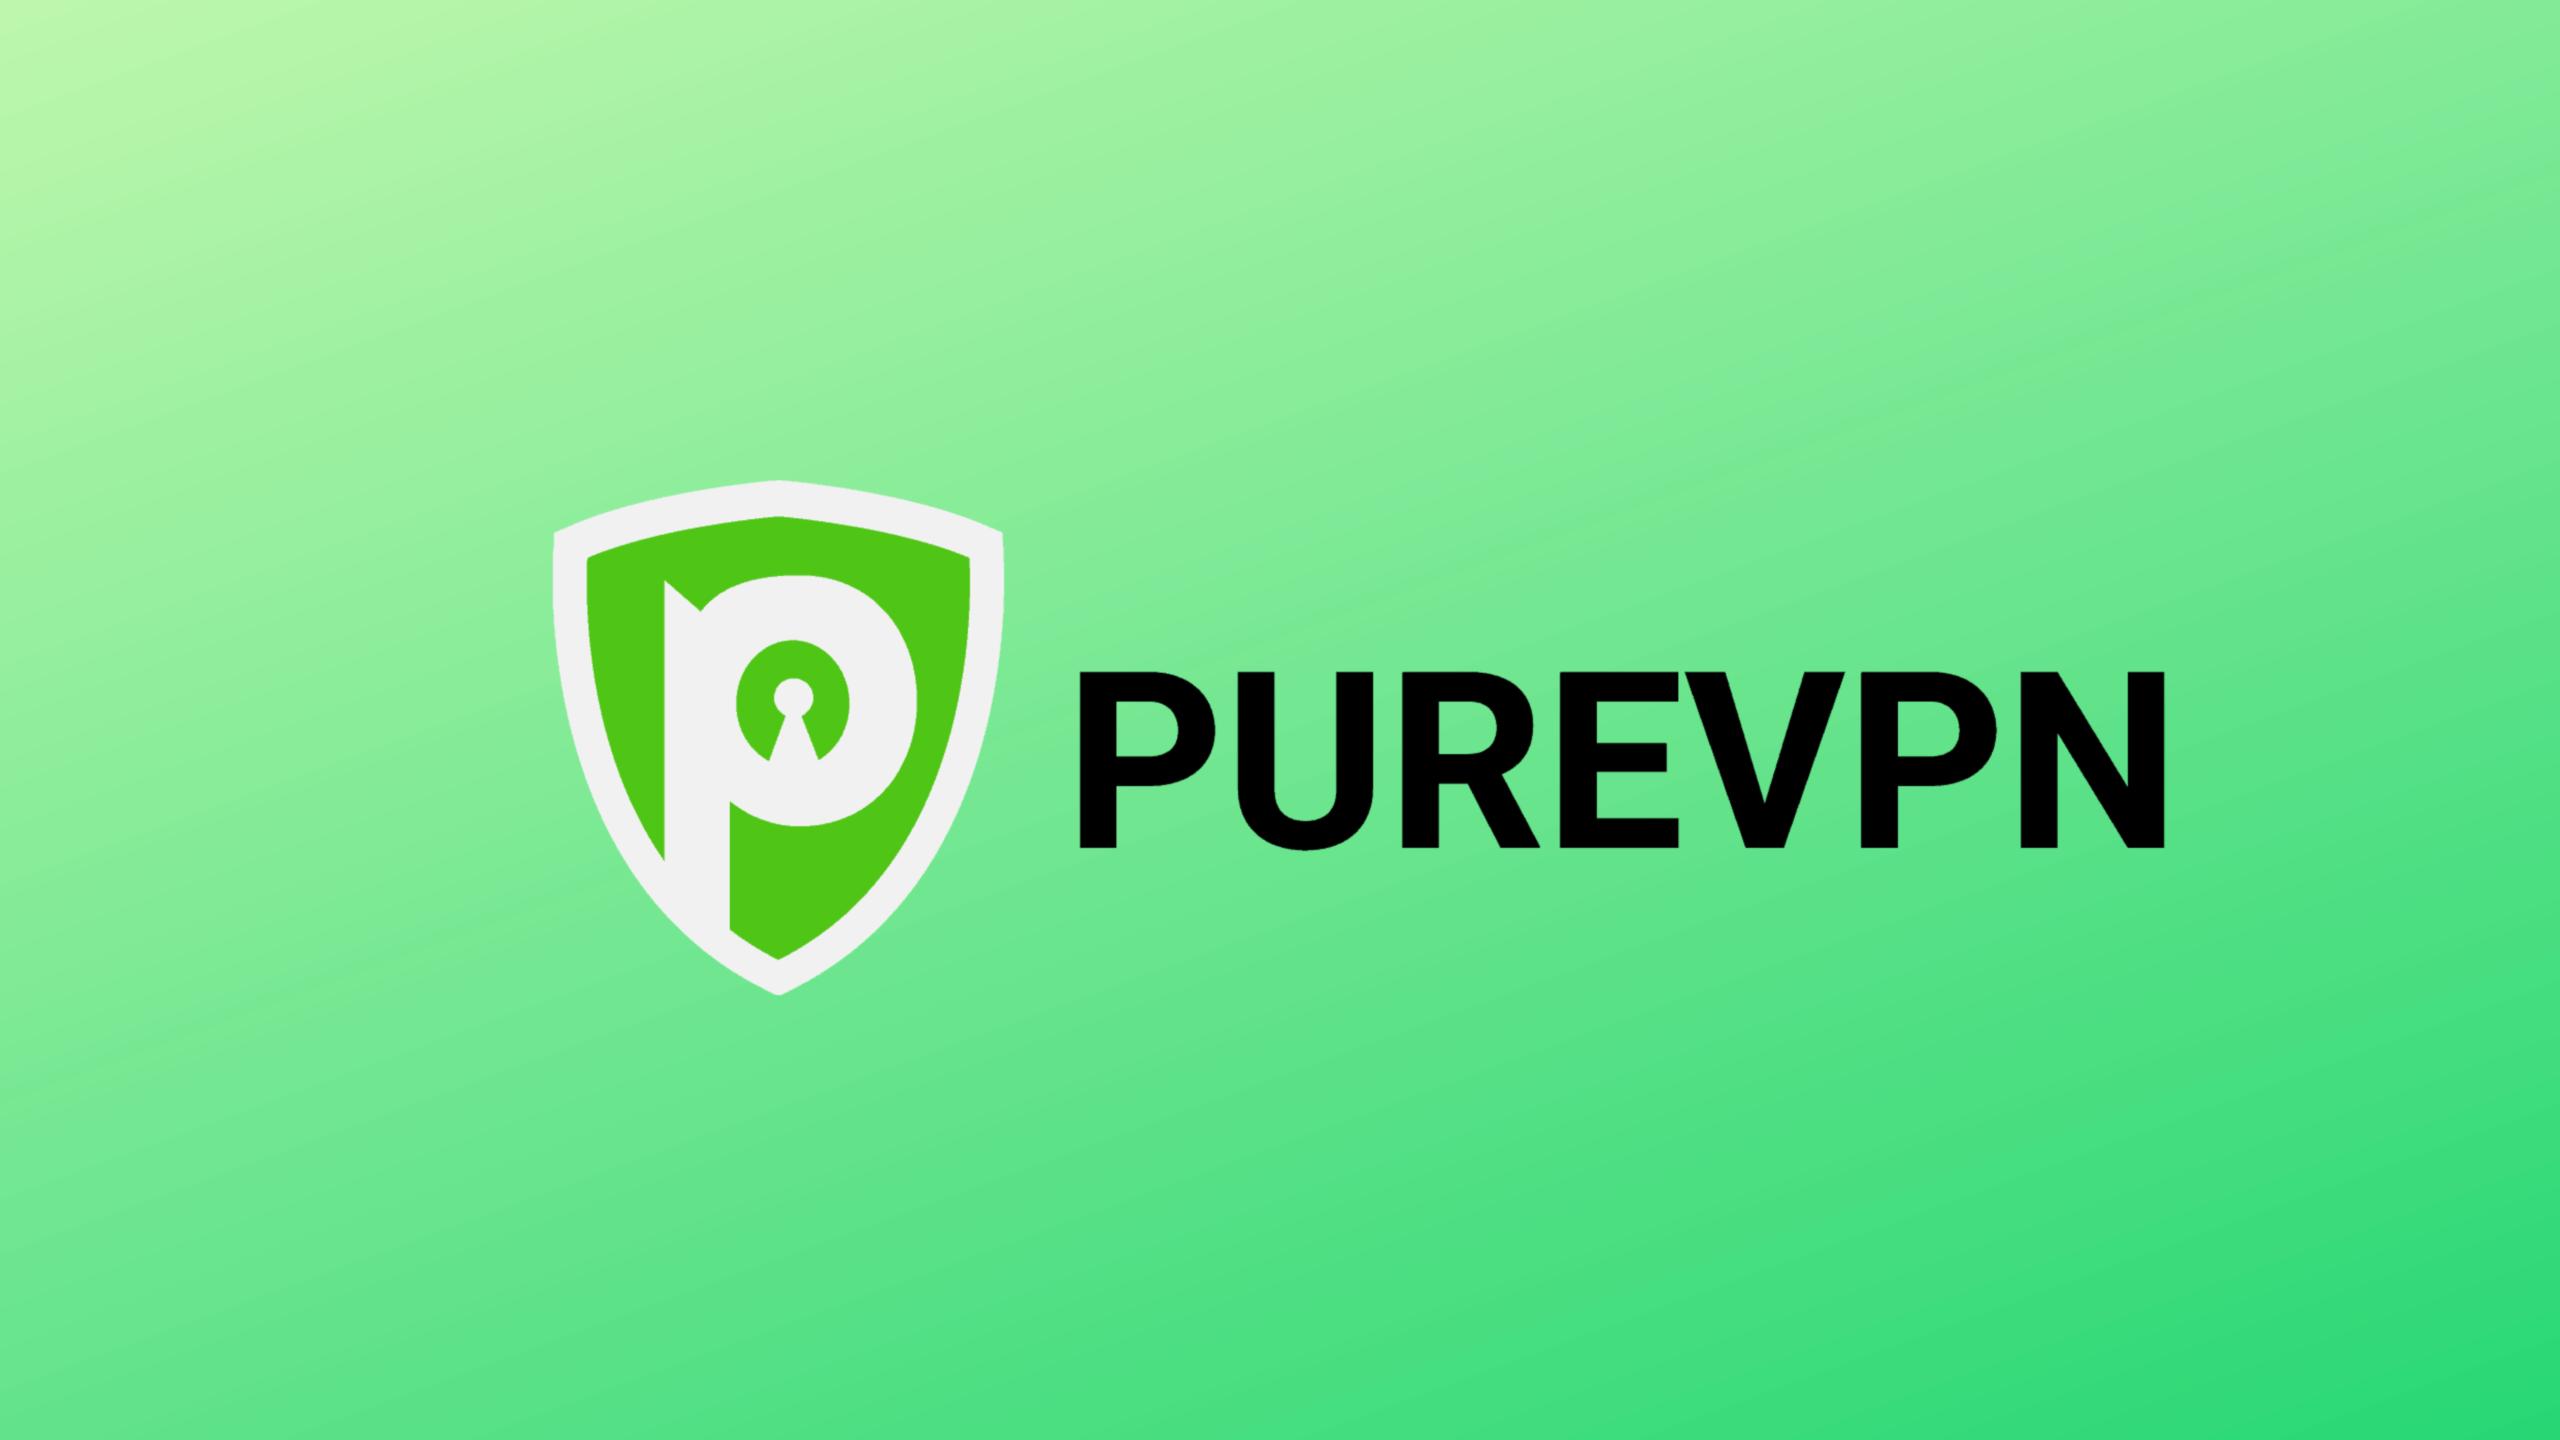 PureVPN Test 2019 - Wolf im Schafspelz? 4 techboys.de • smarte News, auf den Punkt! PureVPN Test 2019 - Wolf im Schafspelz?